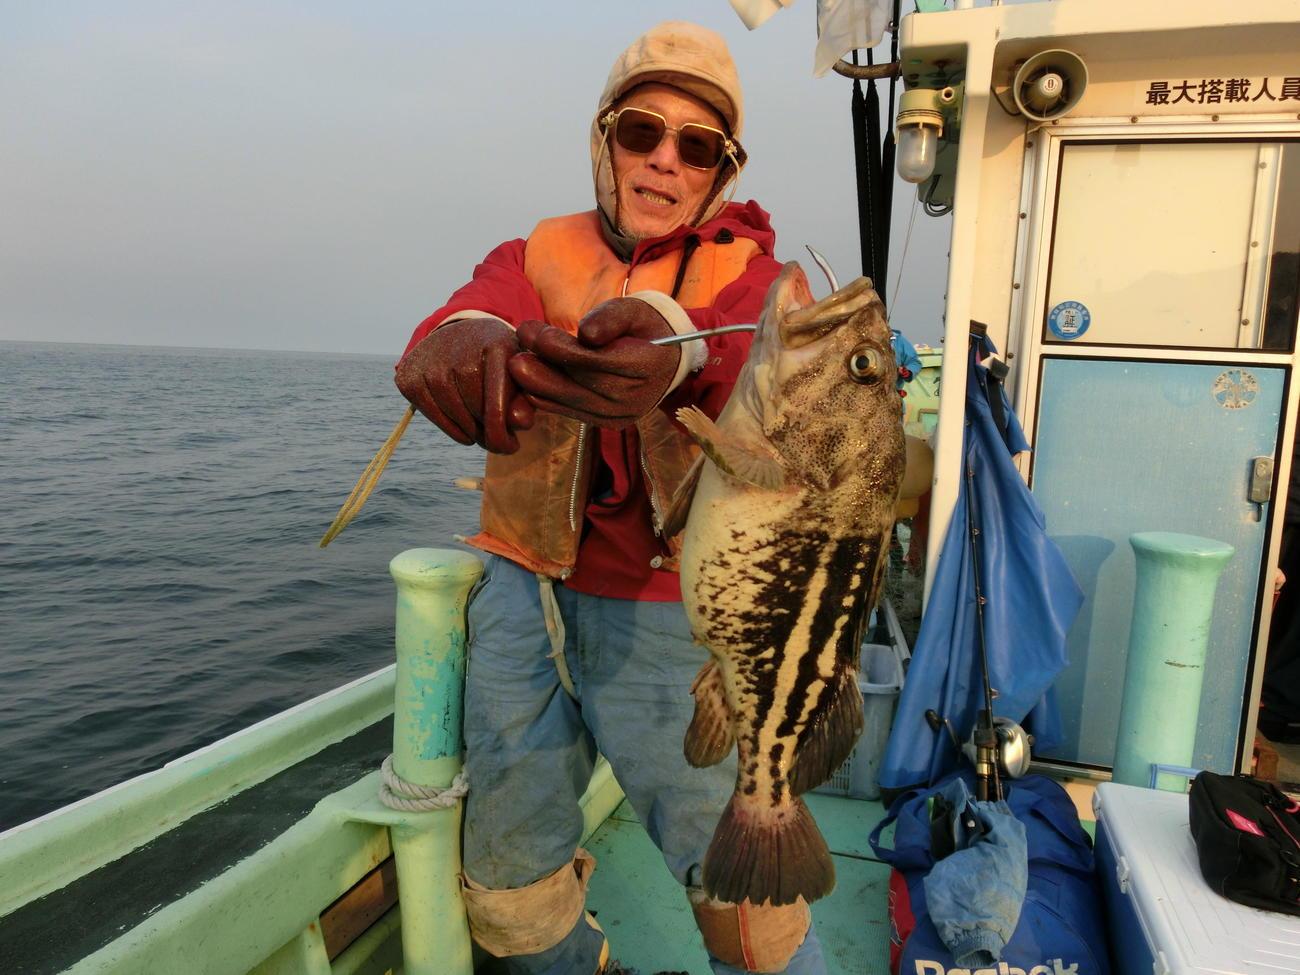 50センチ、重さ2キロのシマゾイを釣った札幌市の若林さん